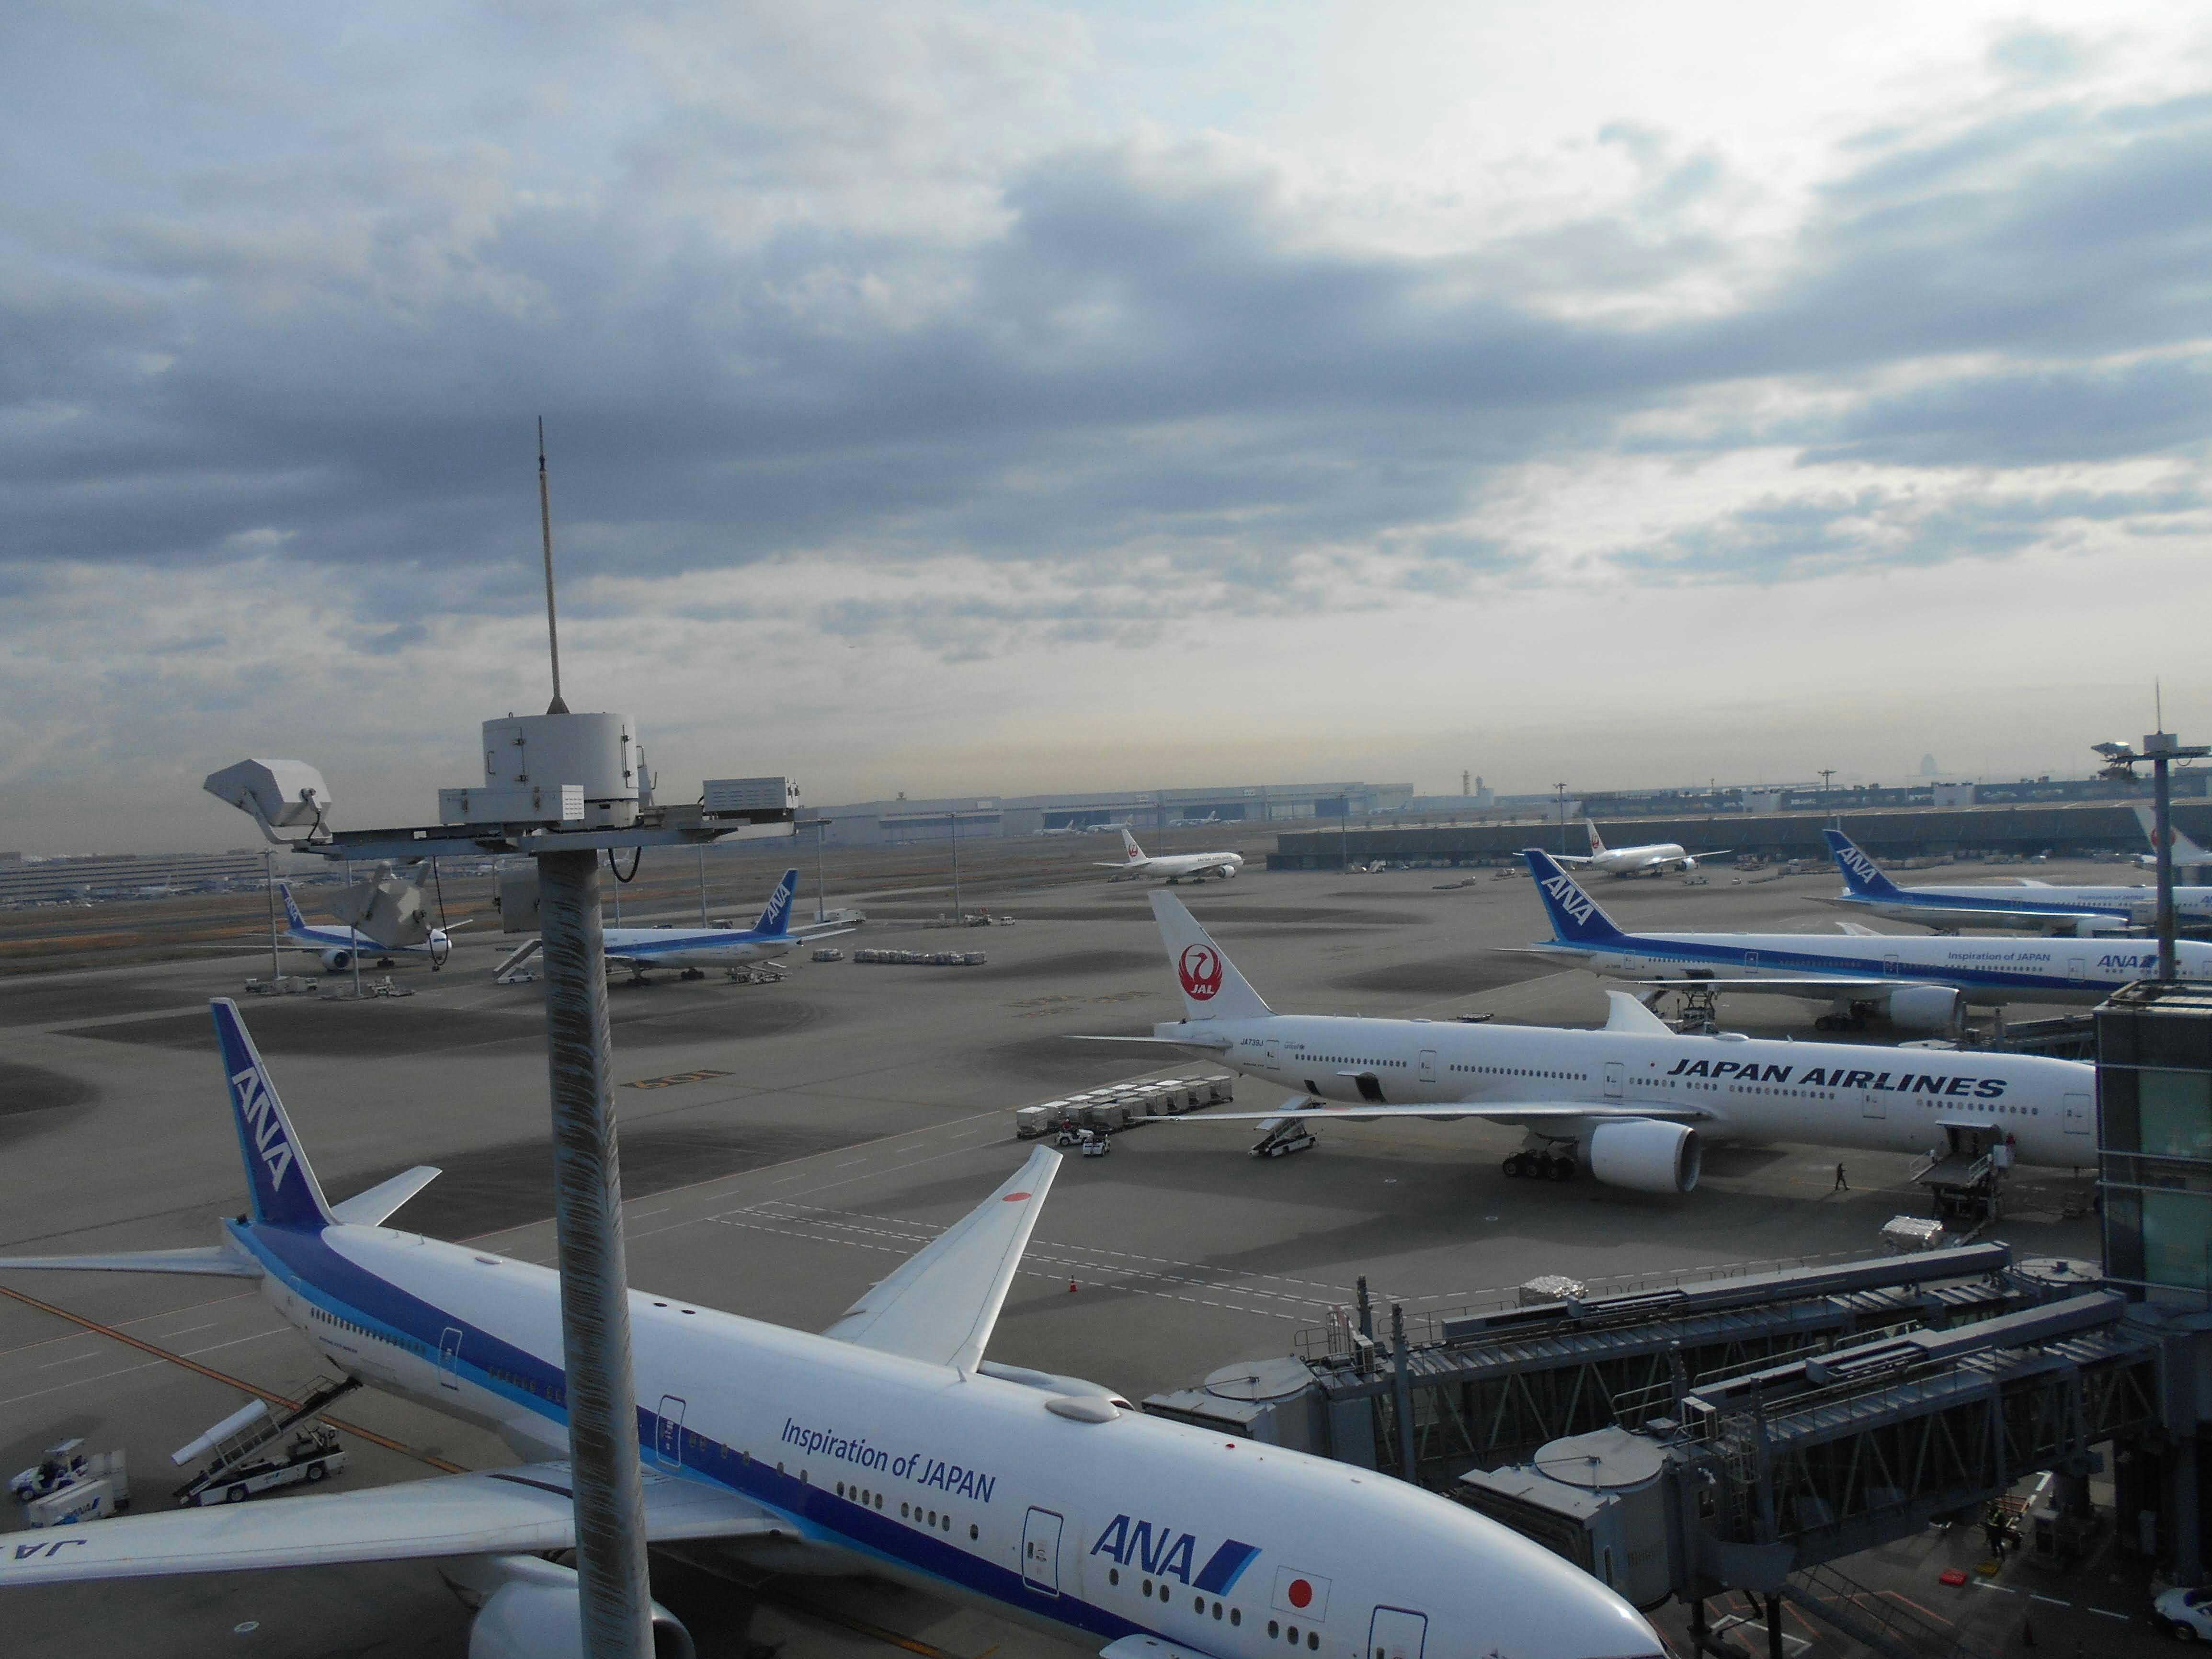 f:id:A350-900:20210105101003j:image